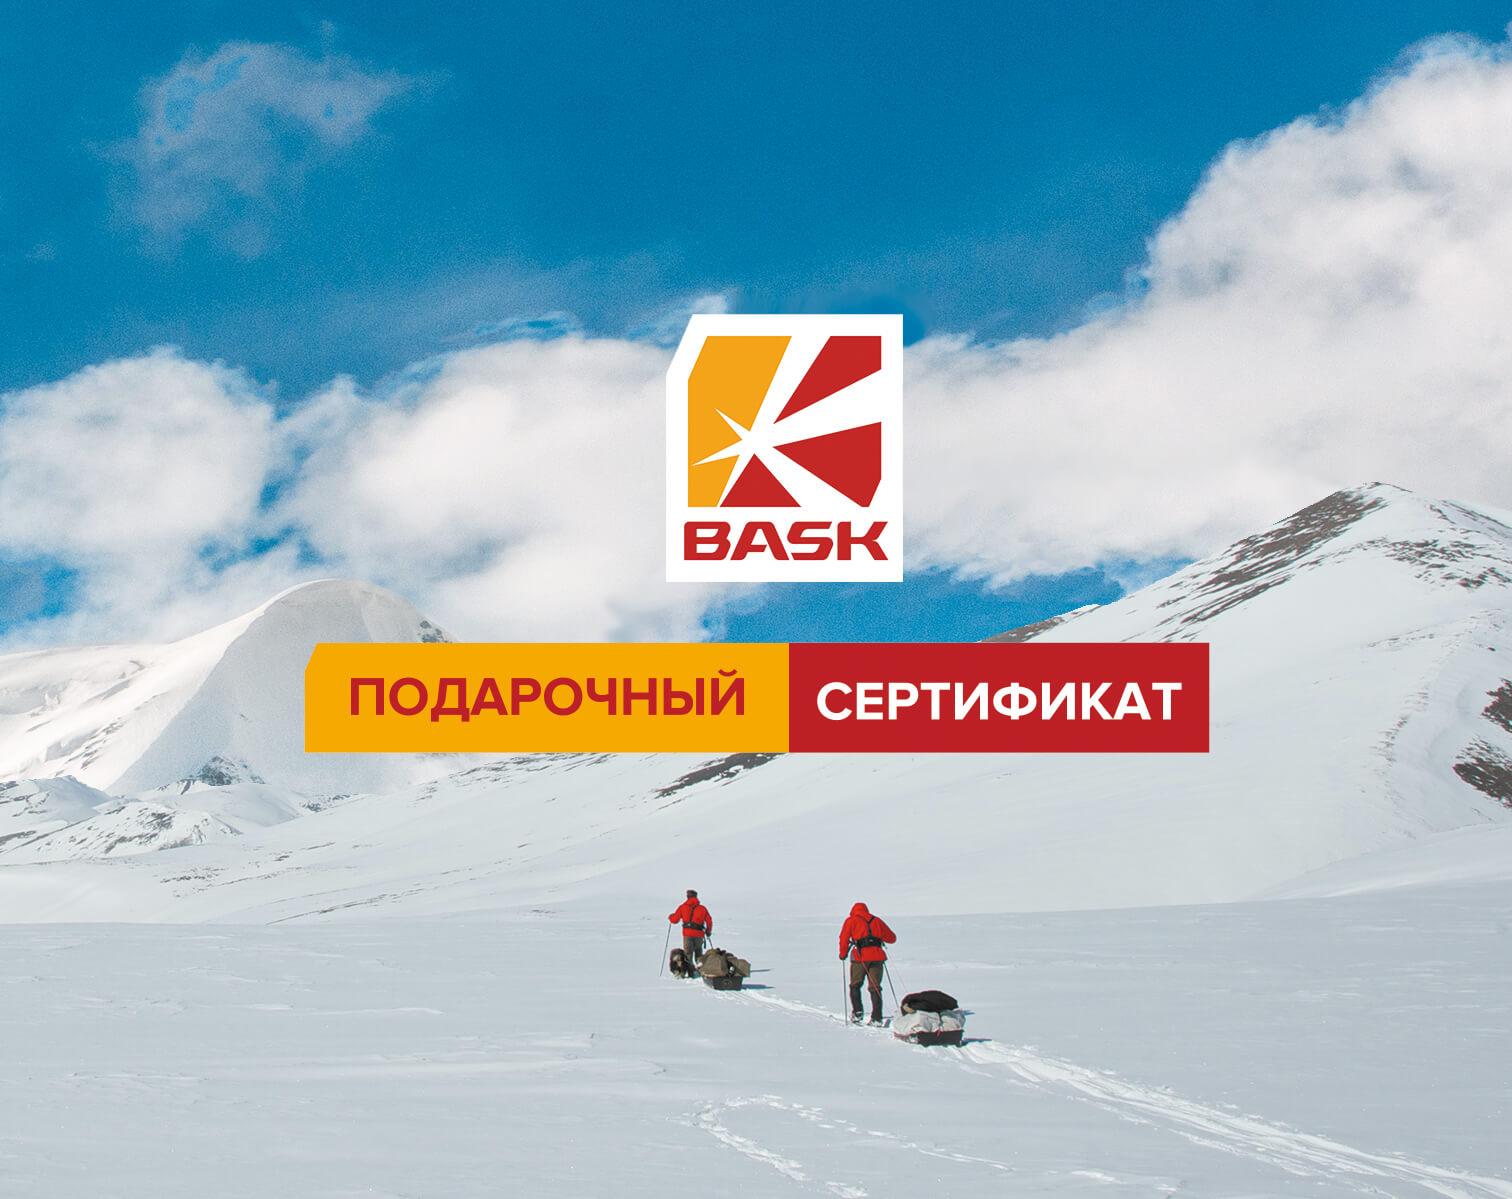 Подарочный Сертификат BASK на 10 000 рублей фото